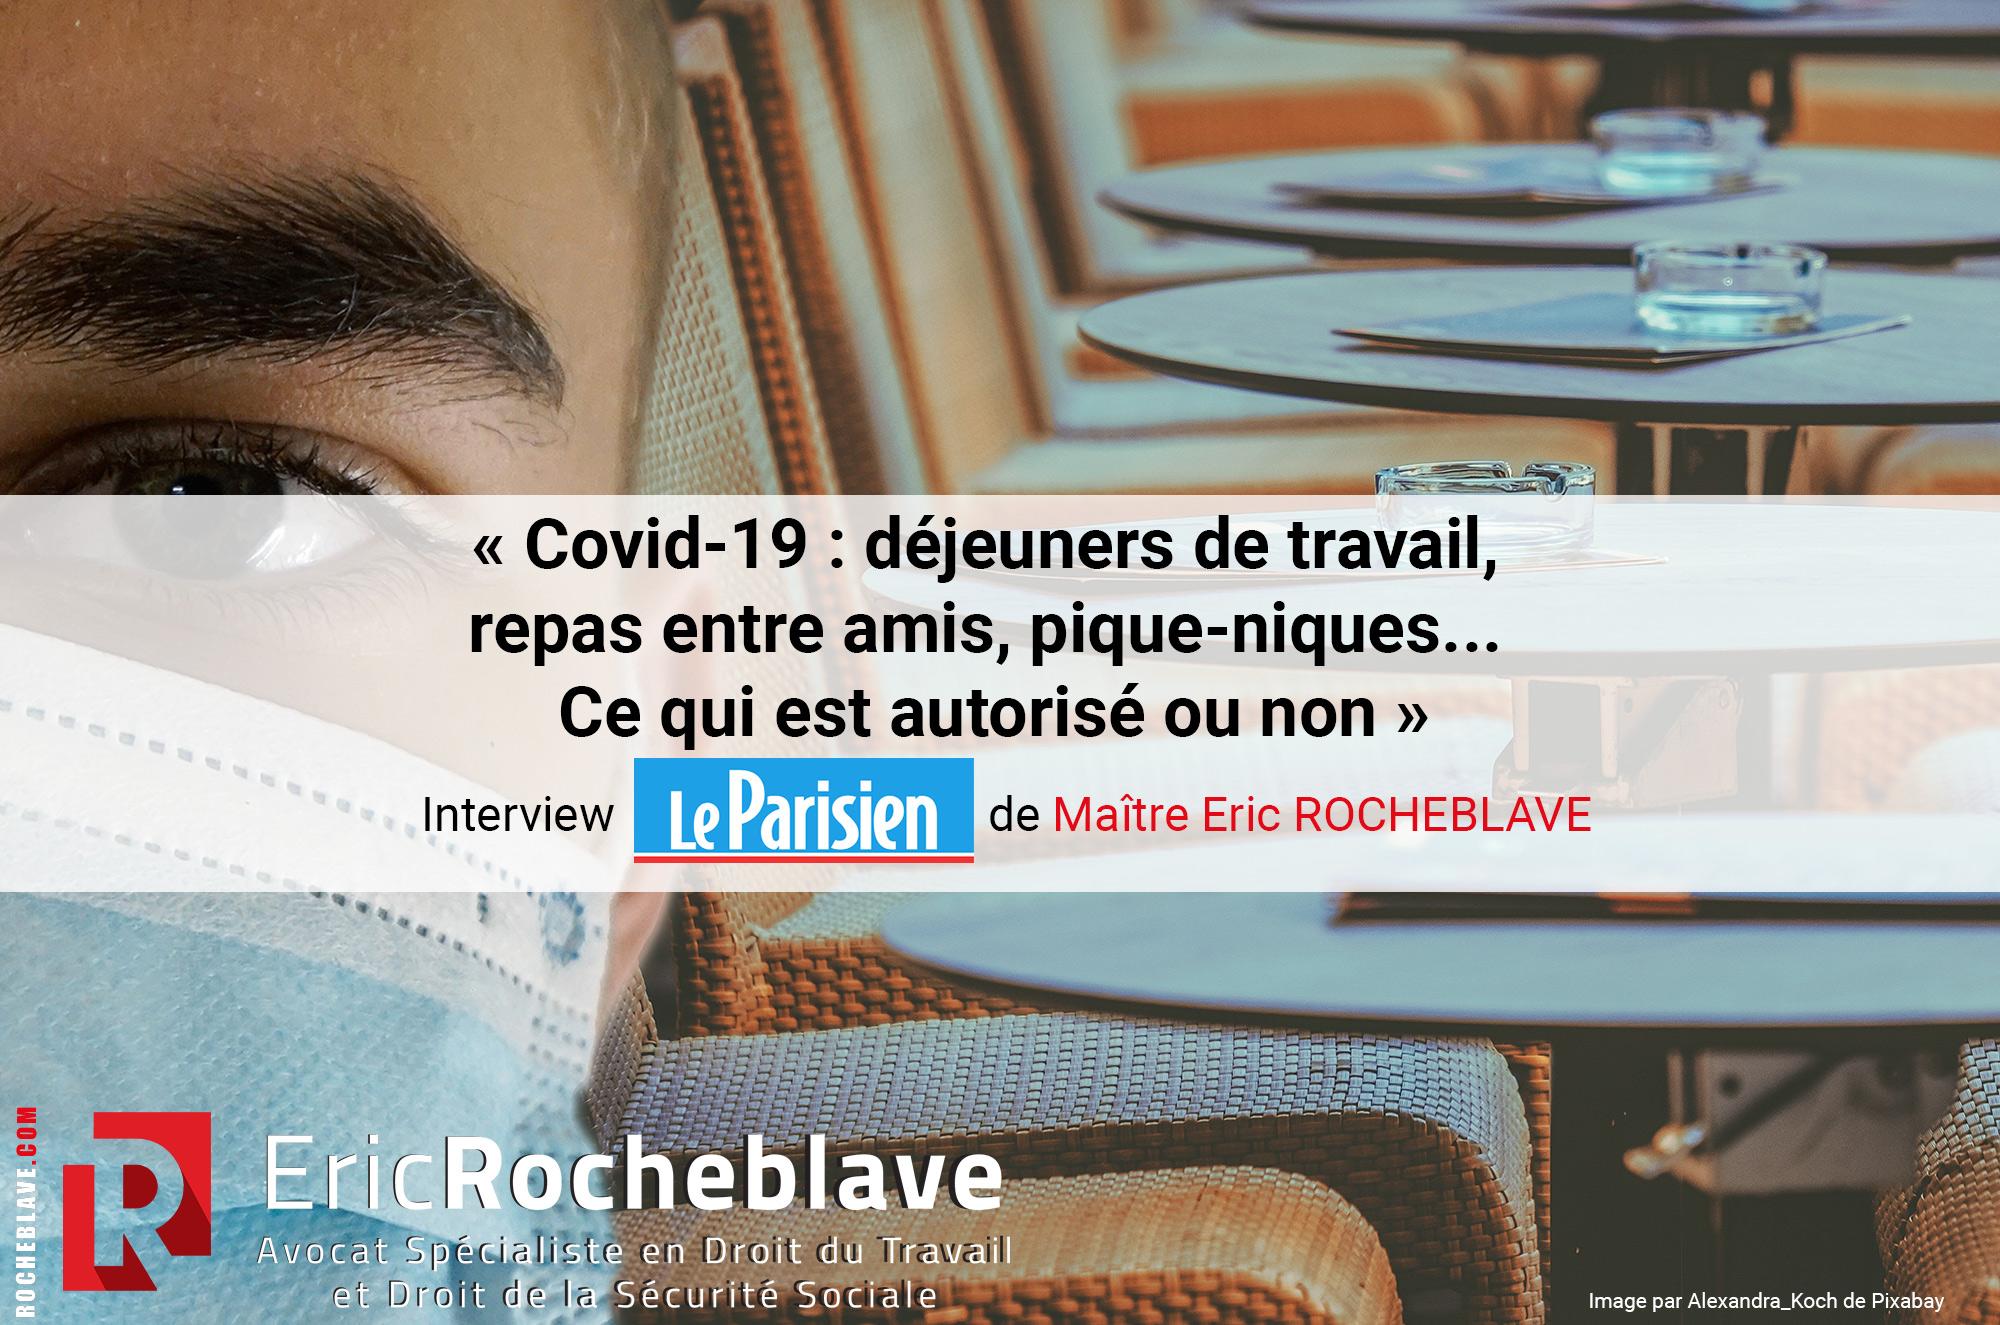 « Covid-19 : déjeuners de travail, repas entre amis, pique-niques… Ce qui est autorisé ou non » Interview Le Parisien de Maître Eric ROCHEBLAVE